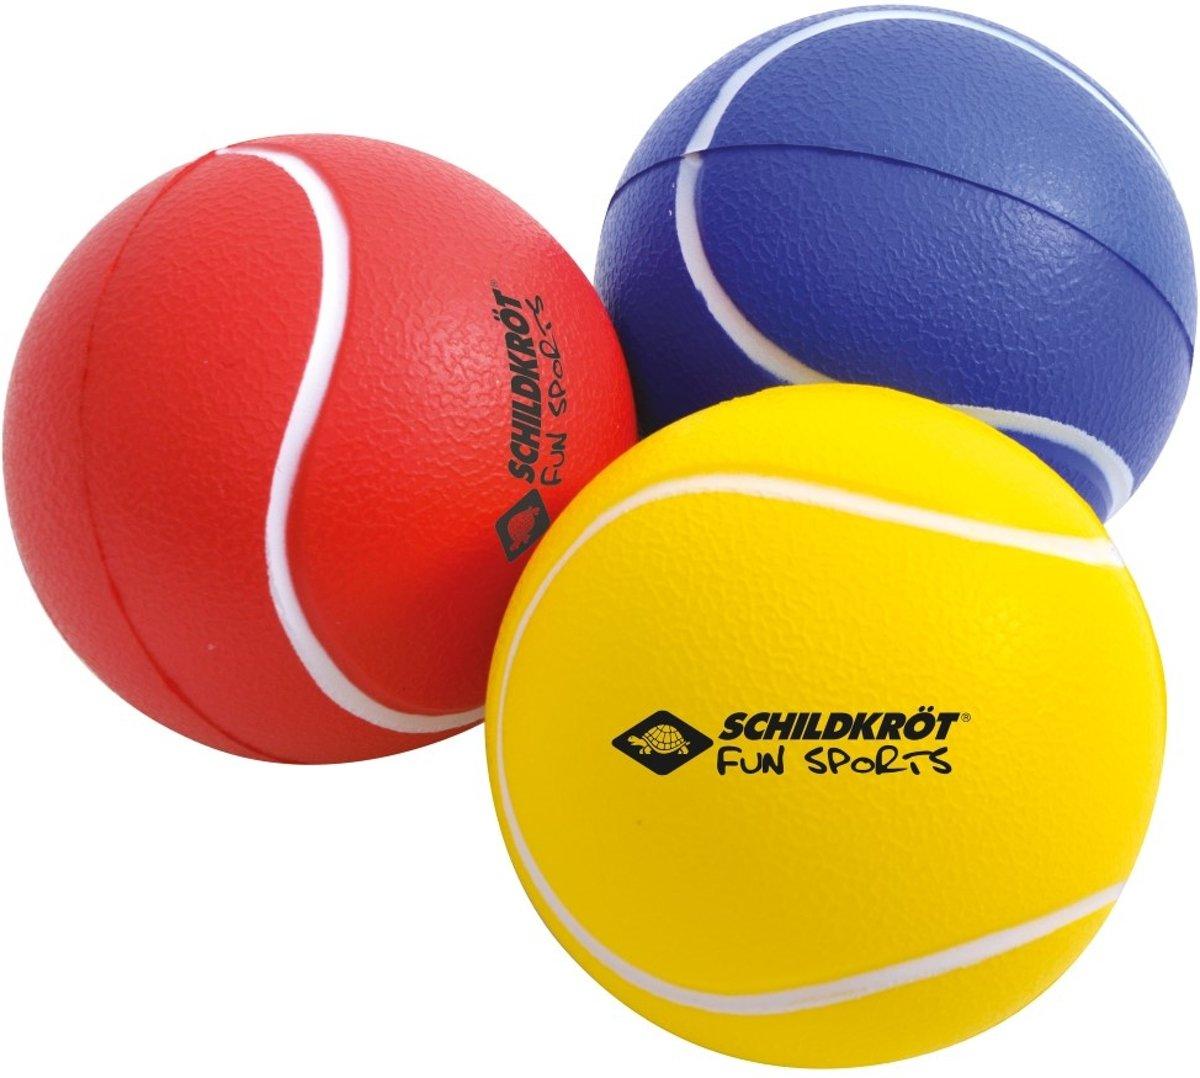 Donic Schildkröt Ballenset 7 Cm Rood/geel/blauw 3 Stuks